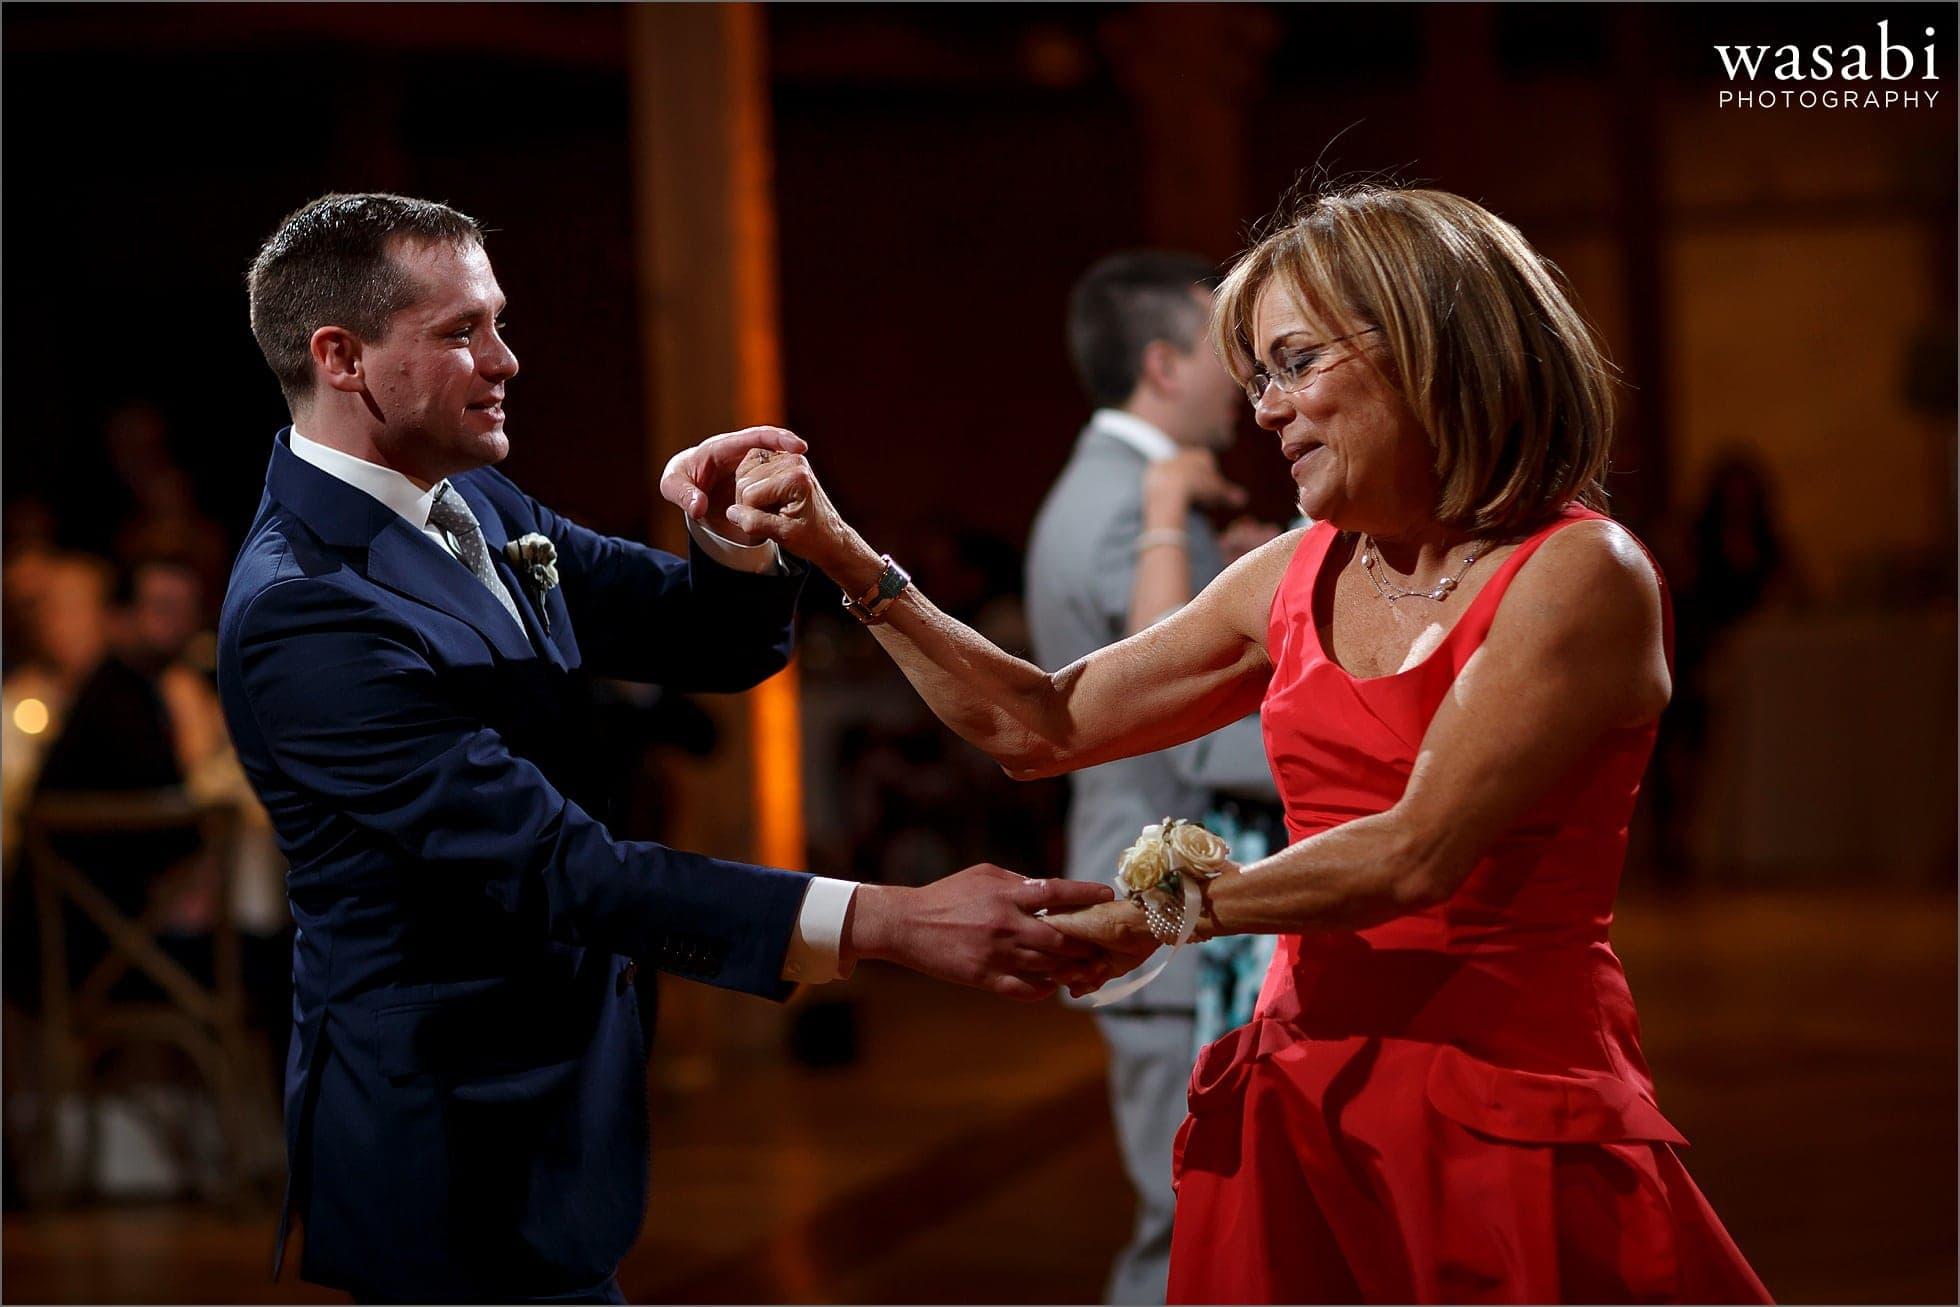 Mother son wedding reception first dance at Bridgeport Art Center